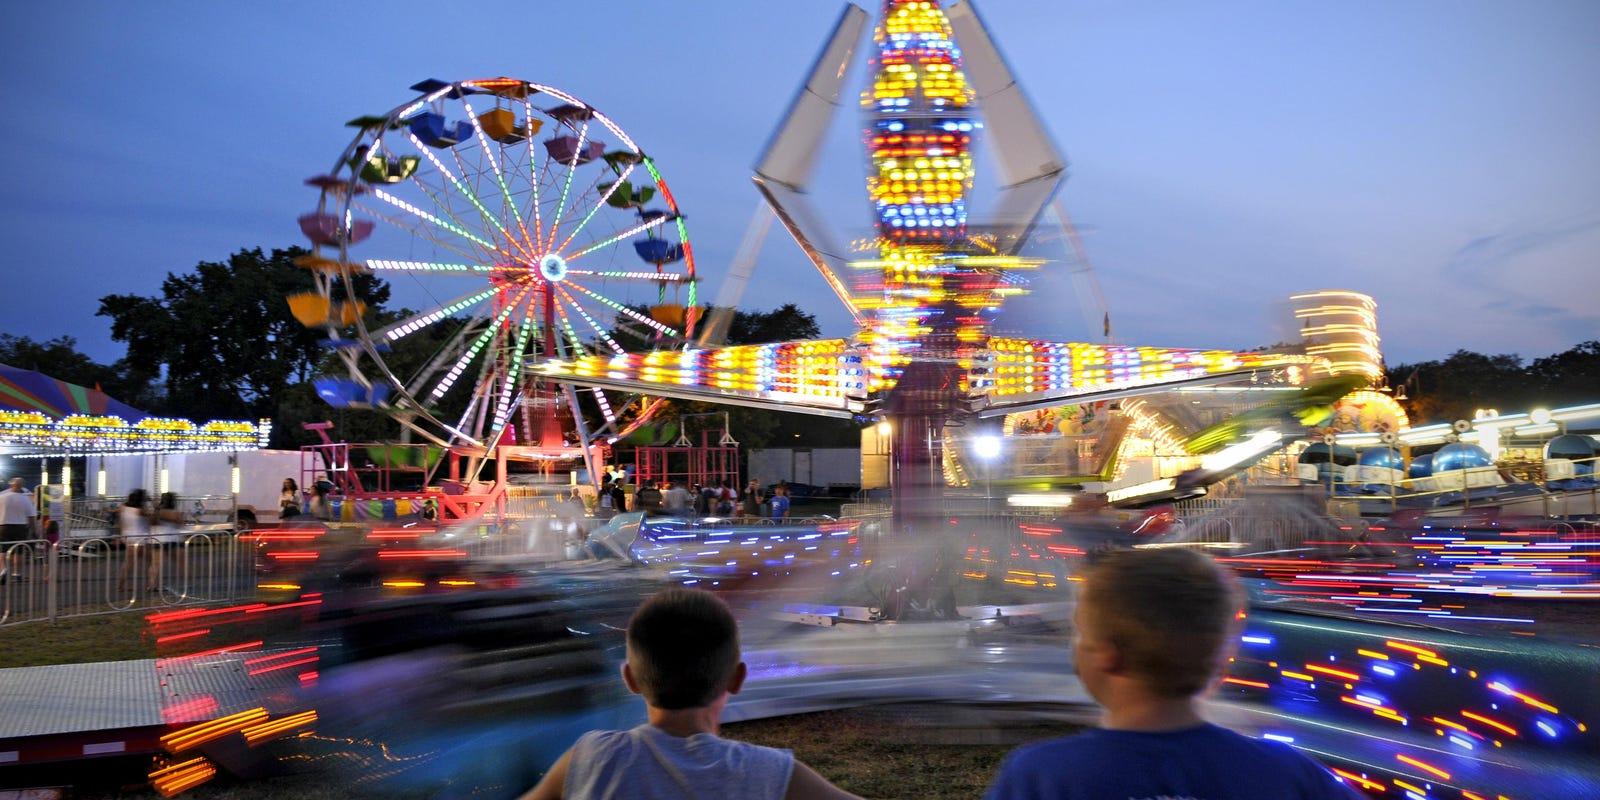 benton county fair 2020 mn